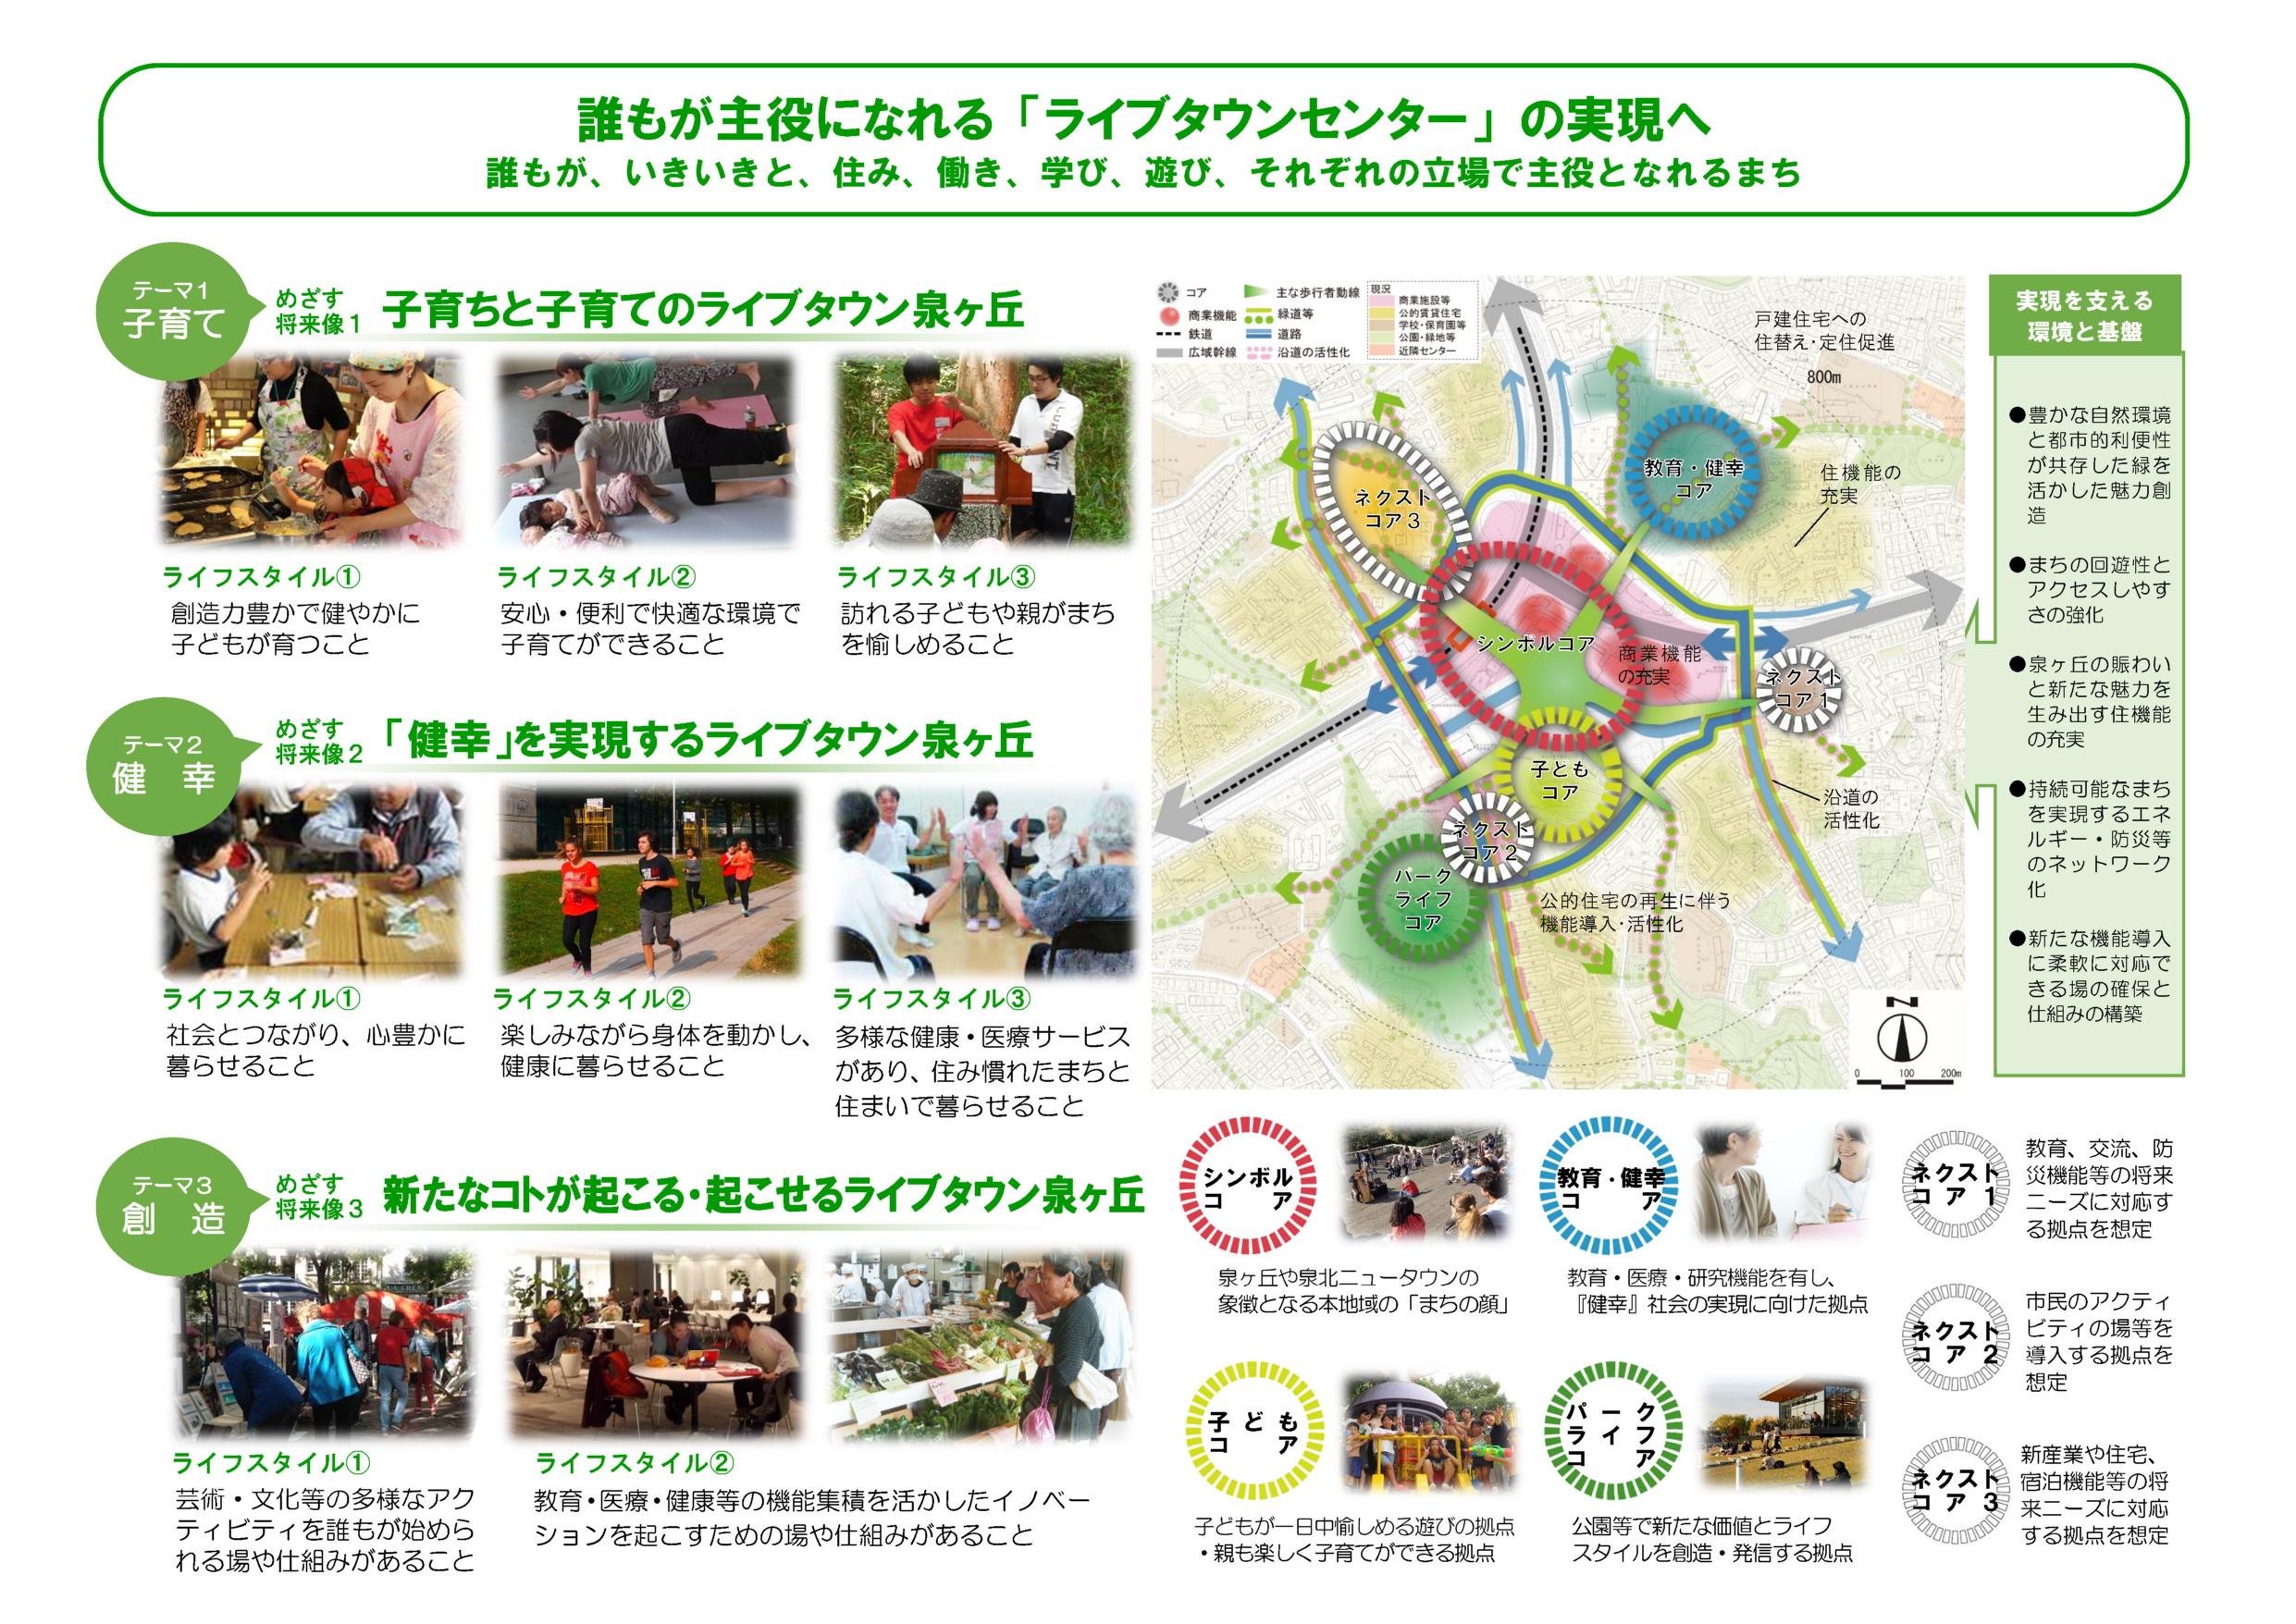 泉ヶ丘駅前地域活性化ビジョン・アクションプラン